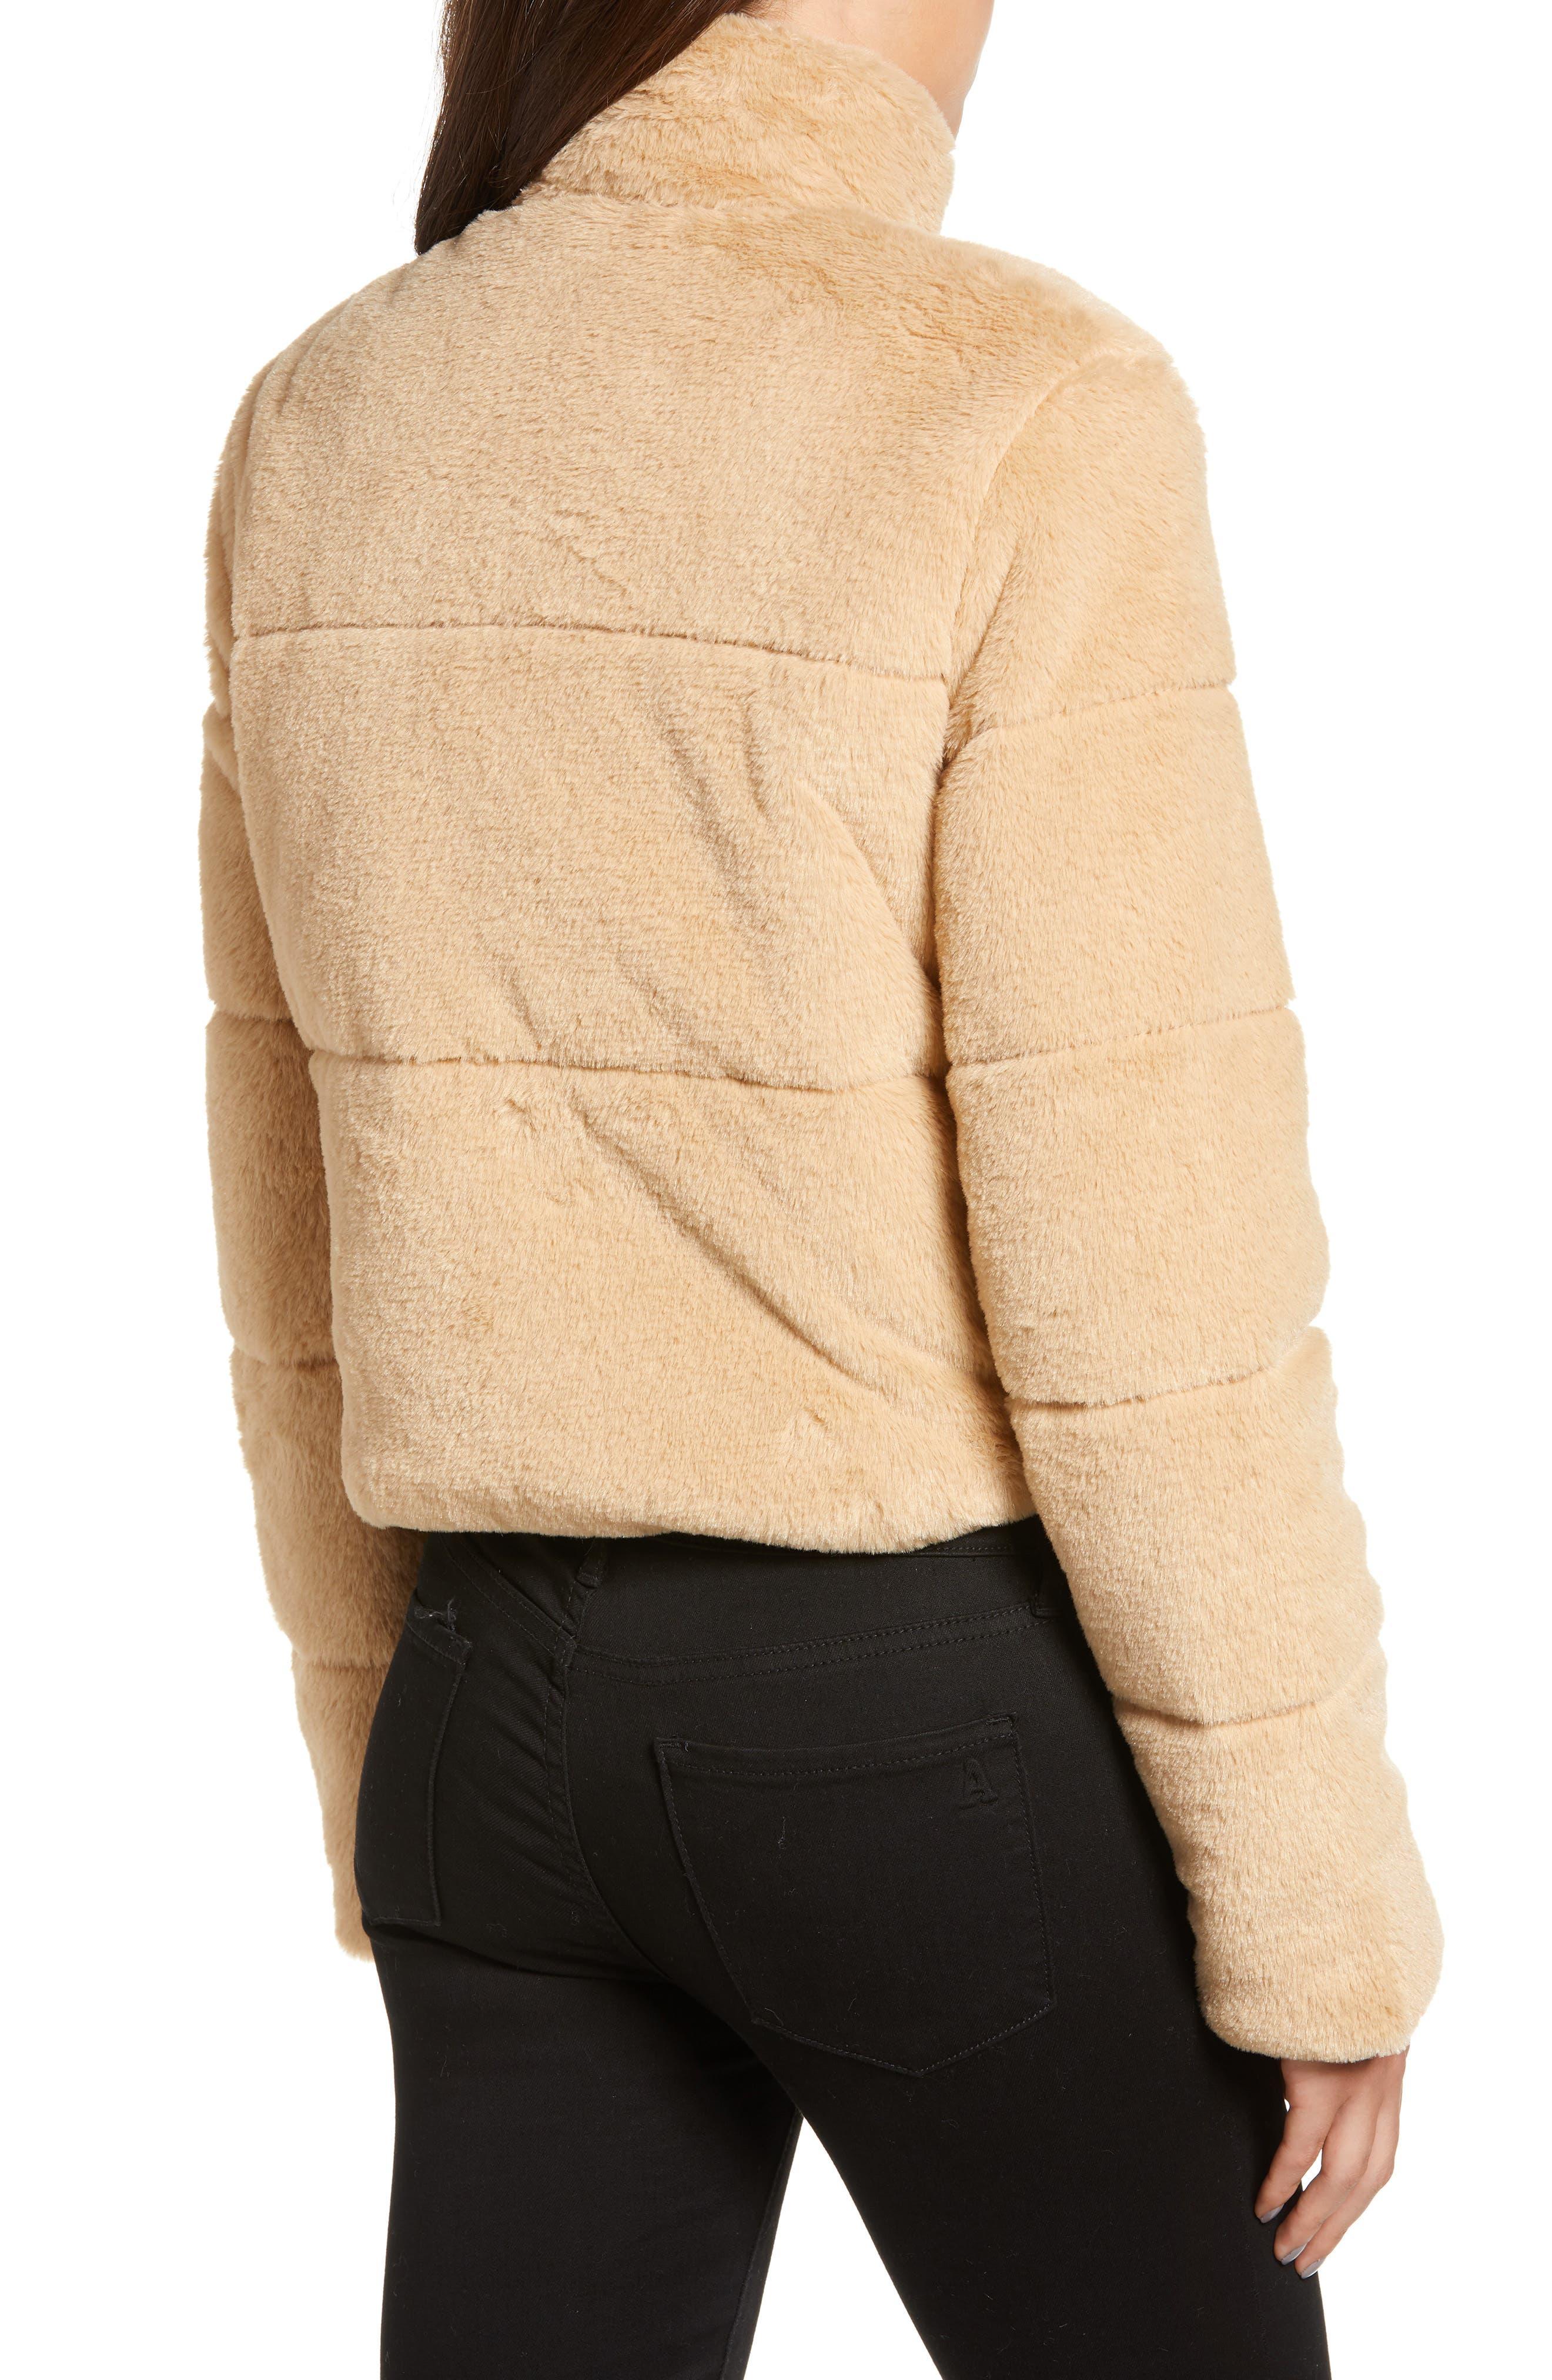 TIGER MIST, Bridget Faux Fur Puffer Jacket, Alternate thumbnail 2, color, 250